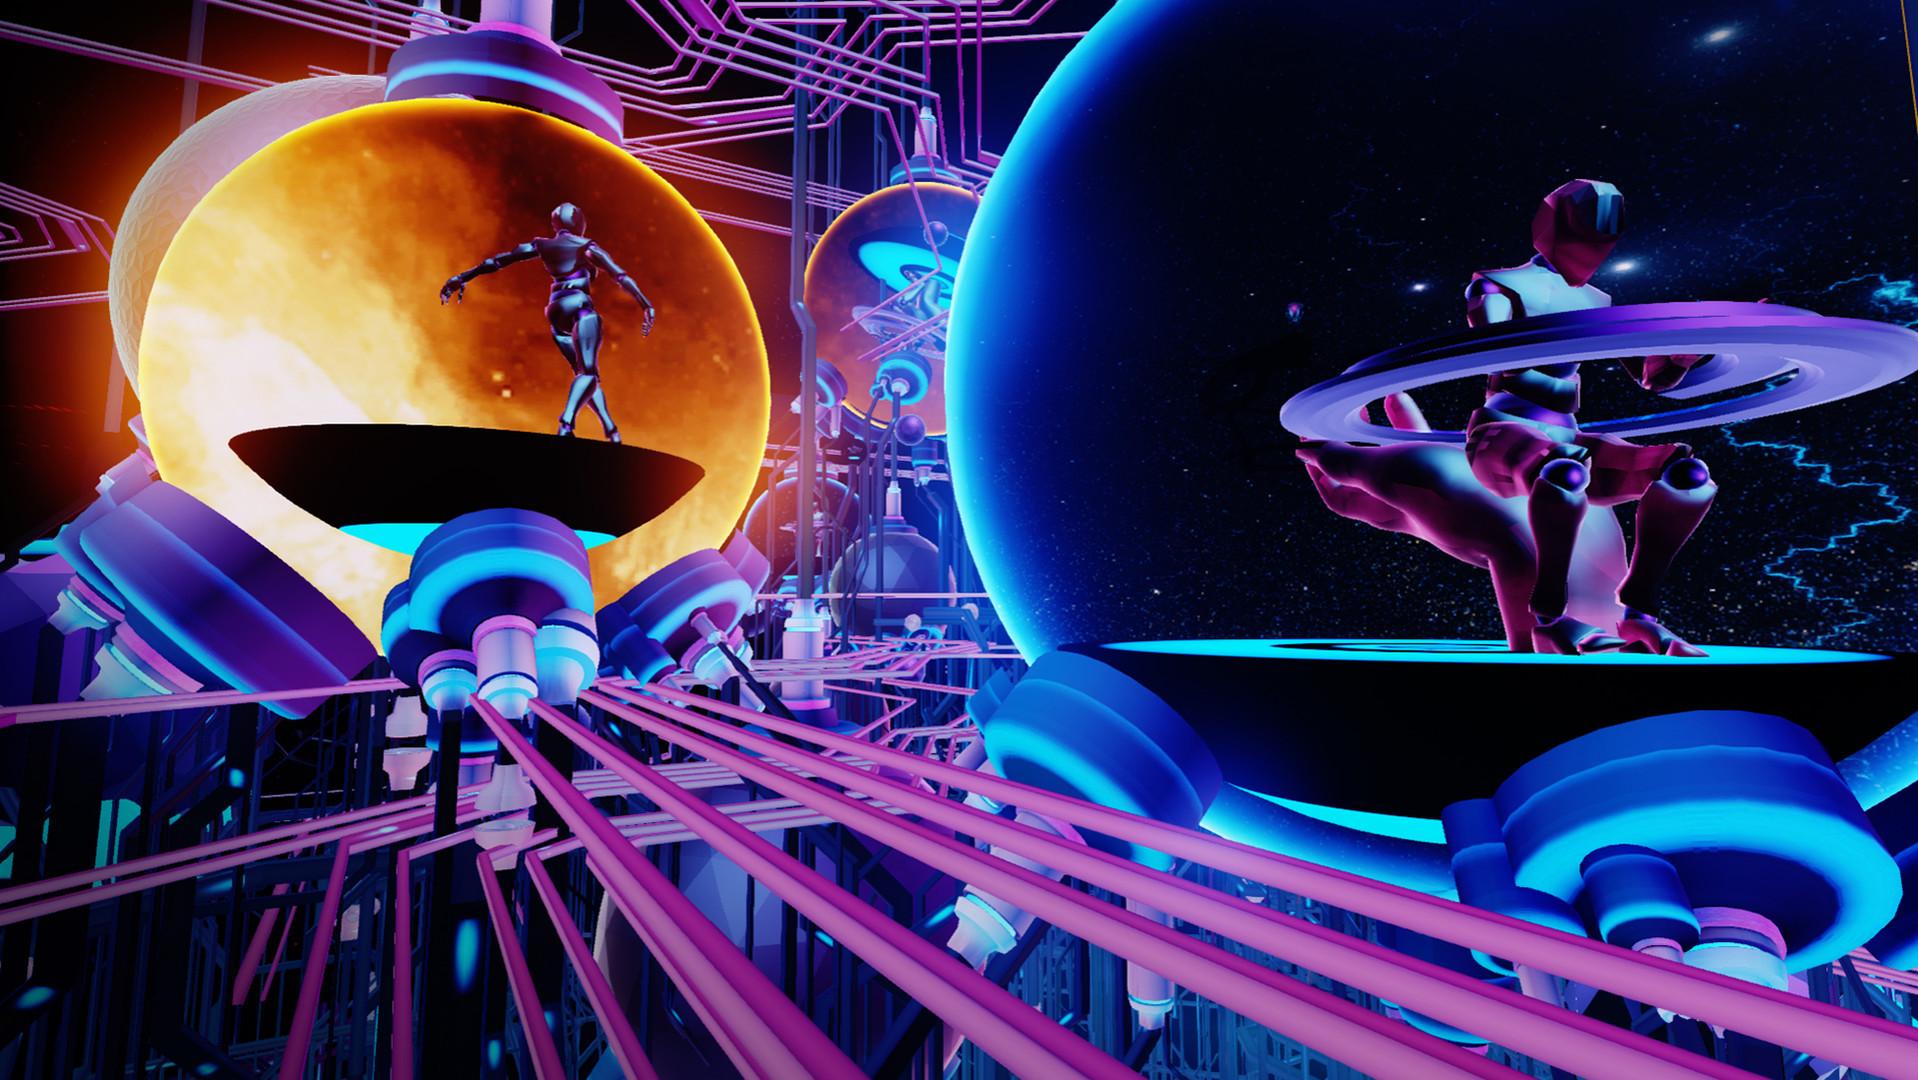 GE Neuro on Steam